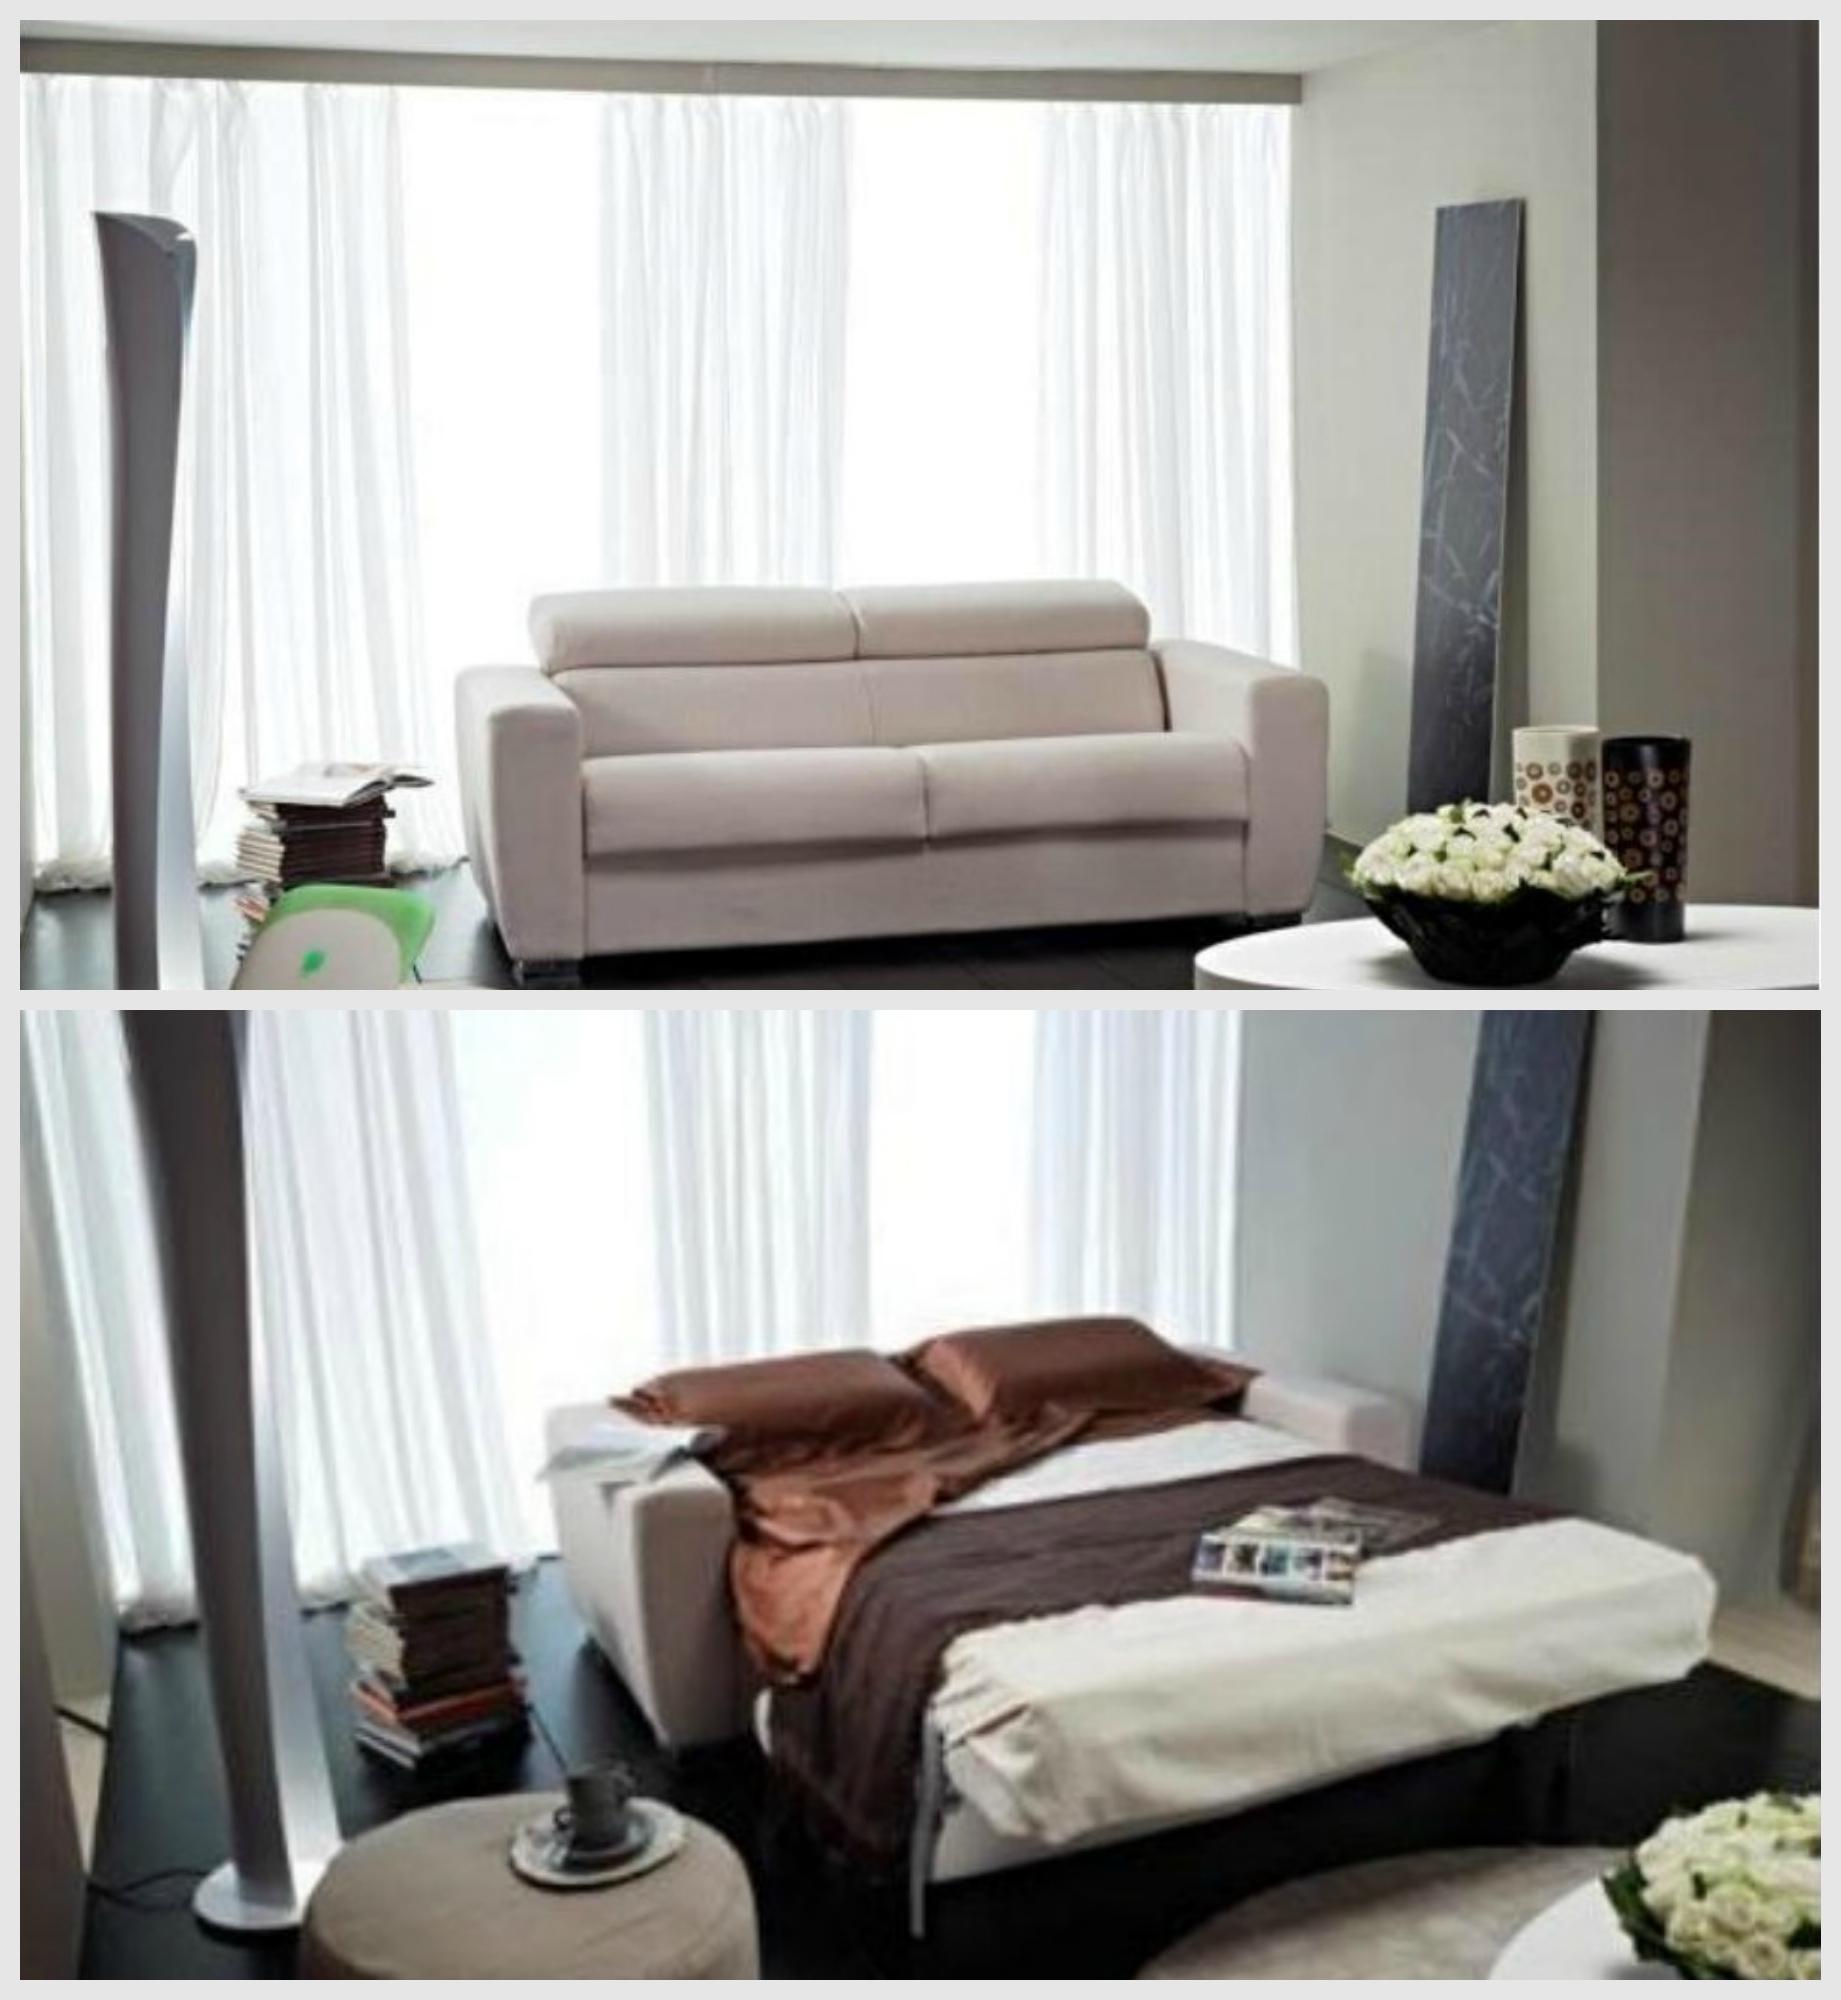 Divano con schienale reclinabile e divano letto estraibile for Letto con testata reclinabile